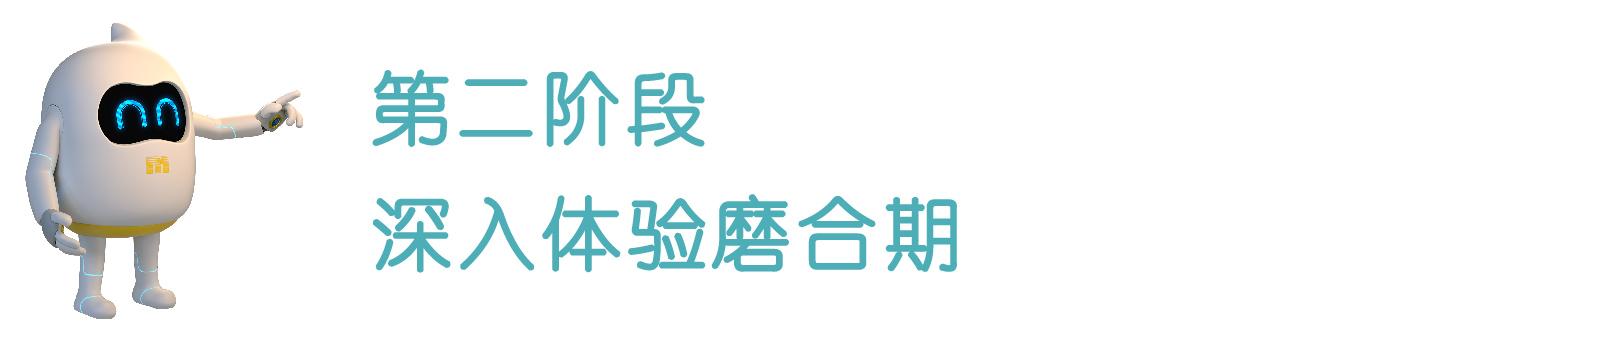 大灣區 租屋 樓價 地產 買樓 香港樓價 樓市成交 新盤